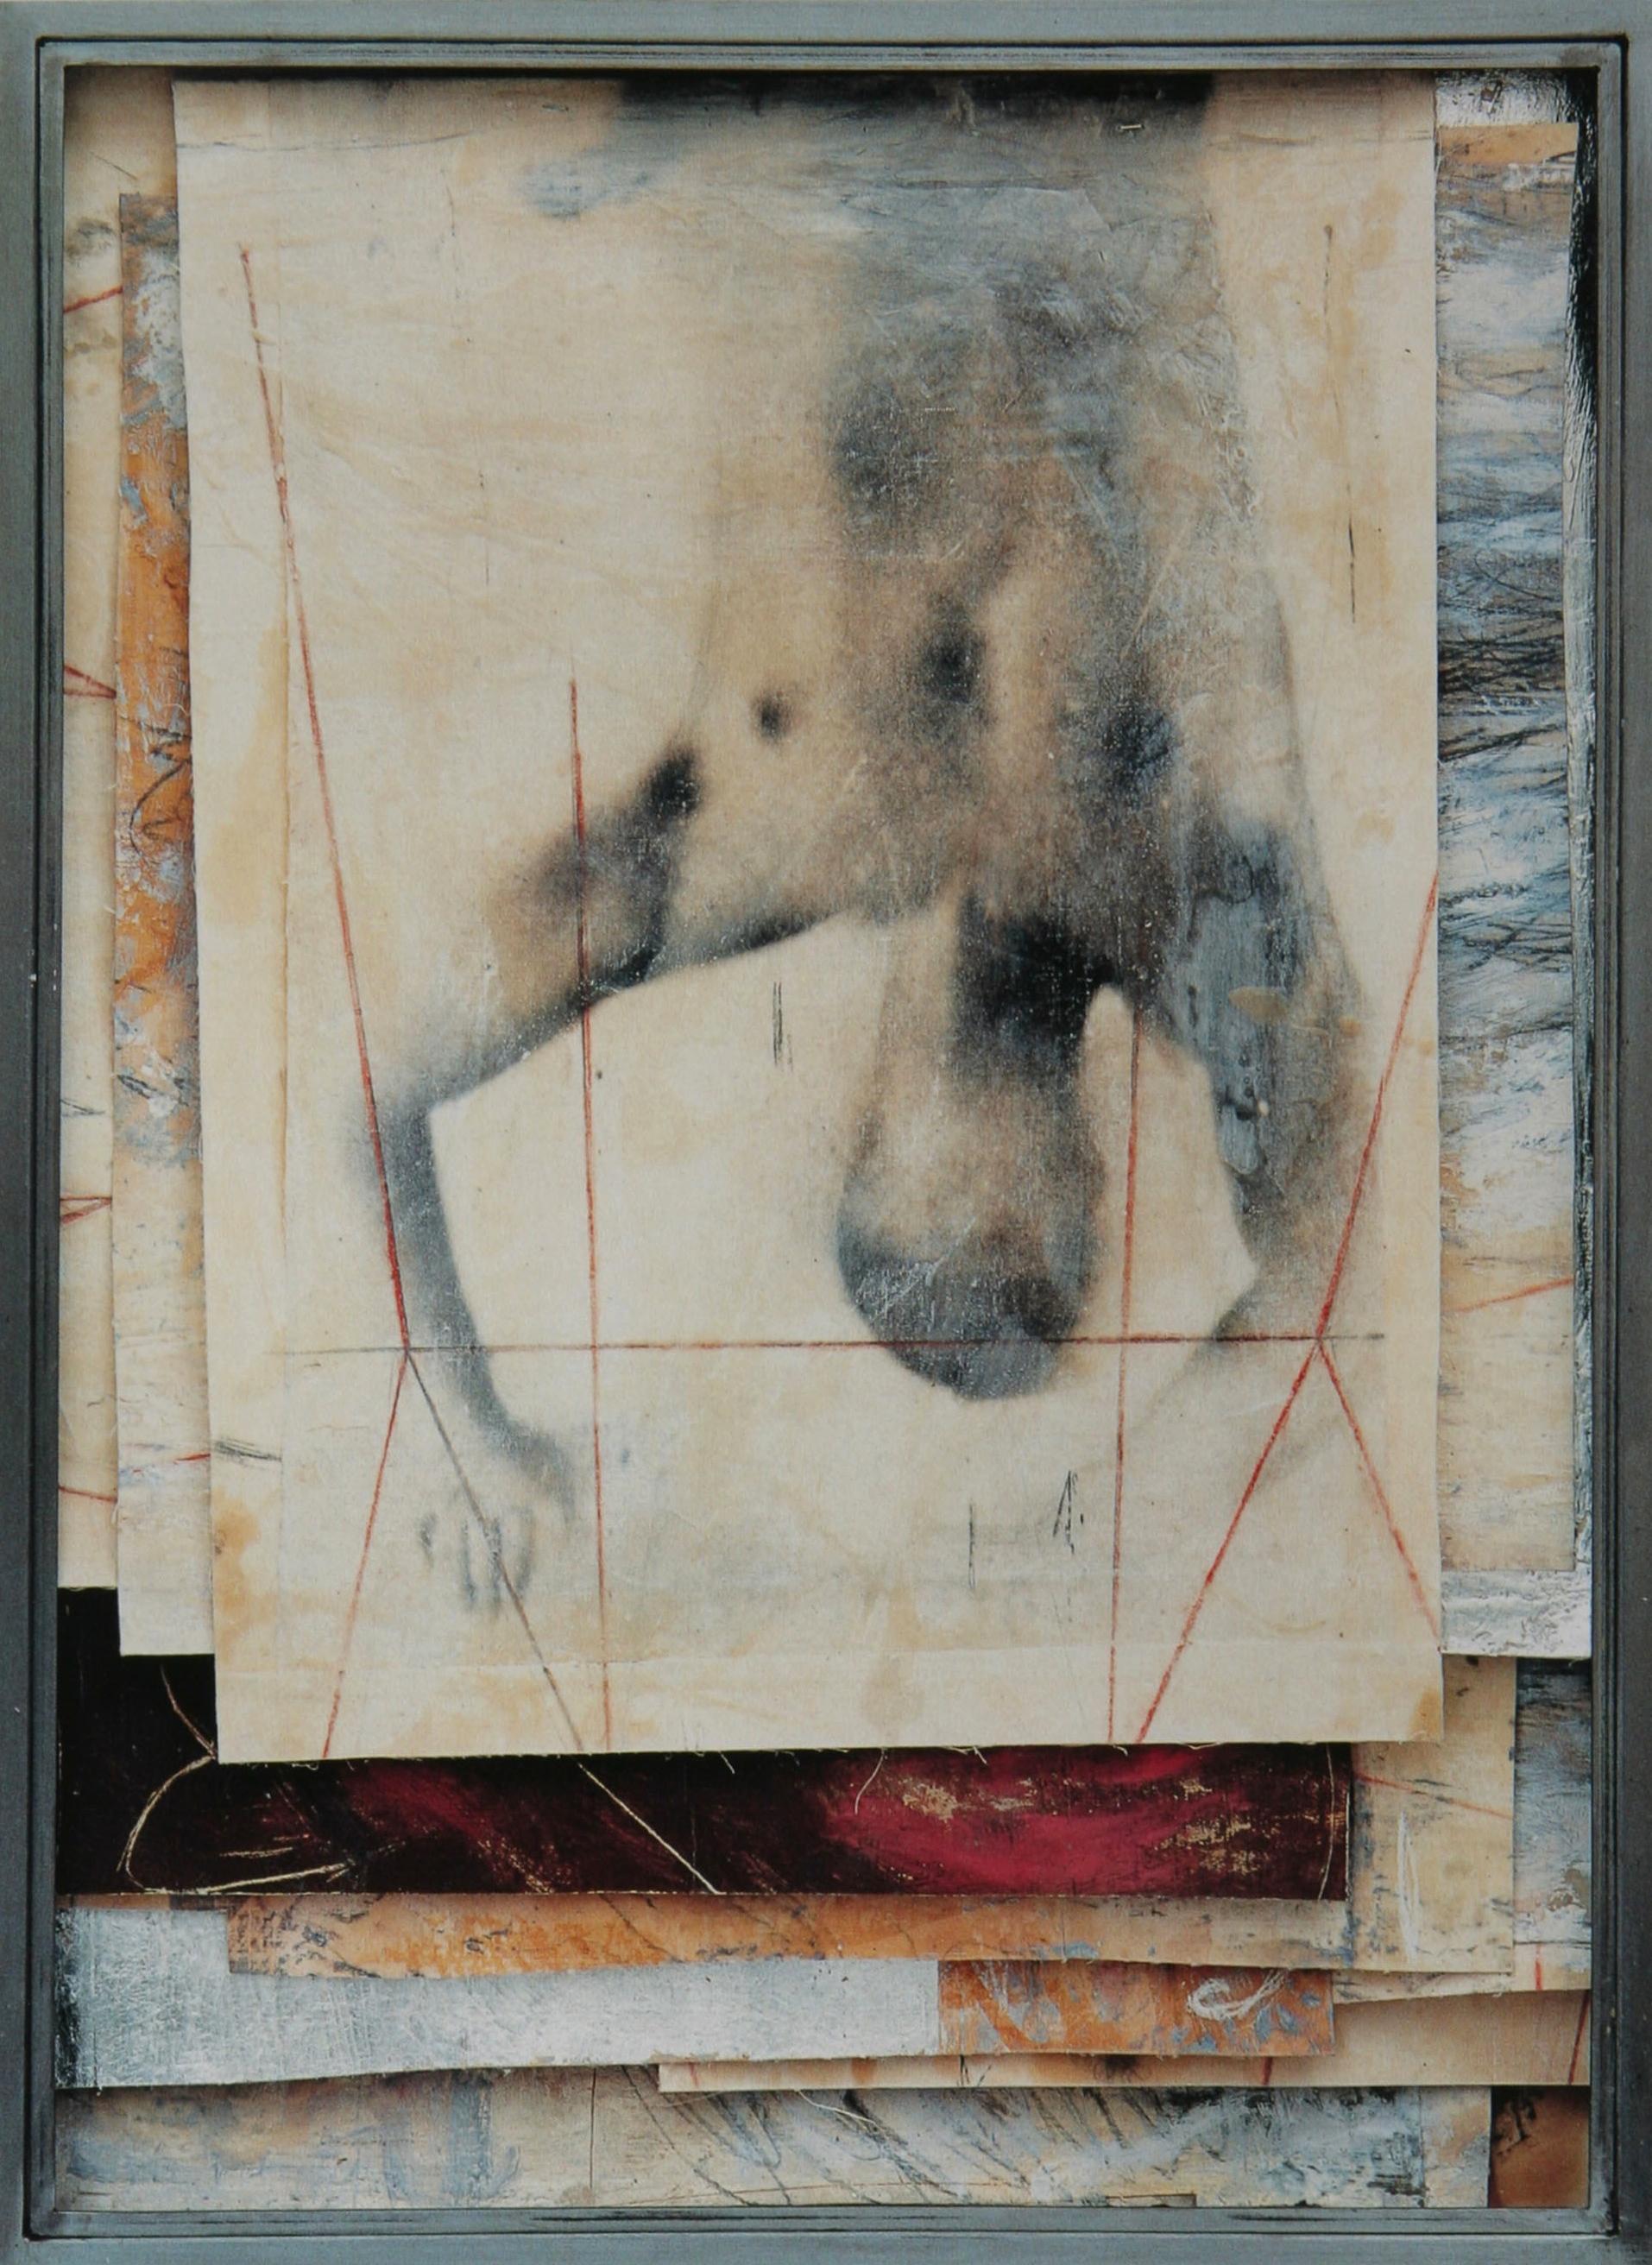 Senza titolo, 2001  Emulsione fotografica, olio e cera su tela, ferro, vetro  cm. 94 x 70